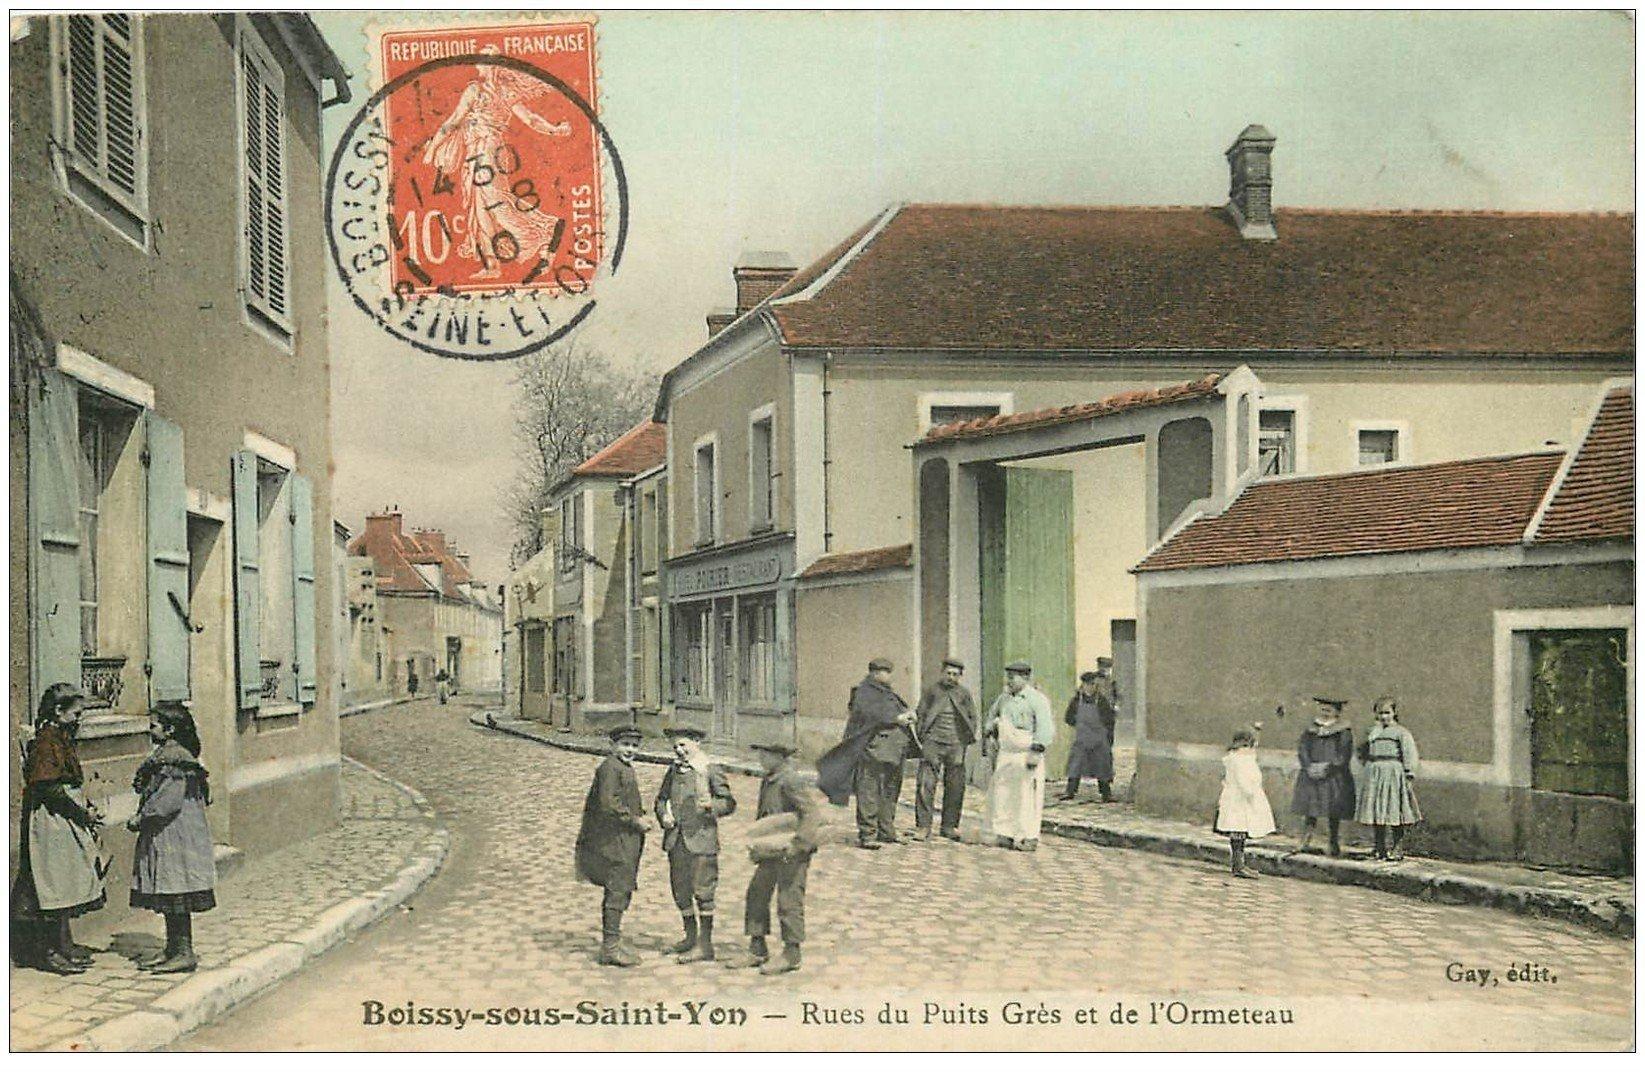 91 boissy sous saint yon rue du puits gr s et de l 39 ormeteau 1910 restaurant poirier. Black Bedroom Furniture Sets. Home Design Ideas